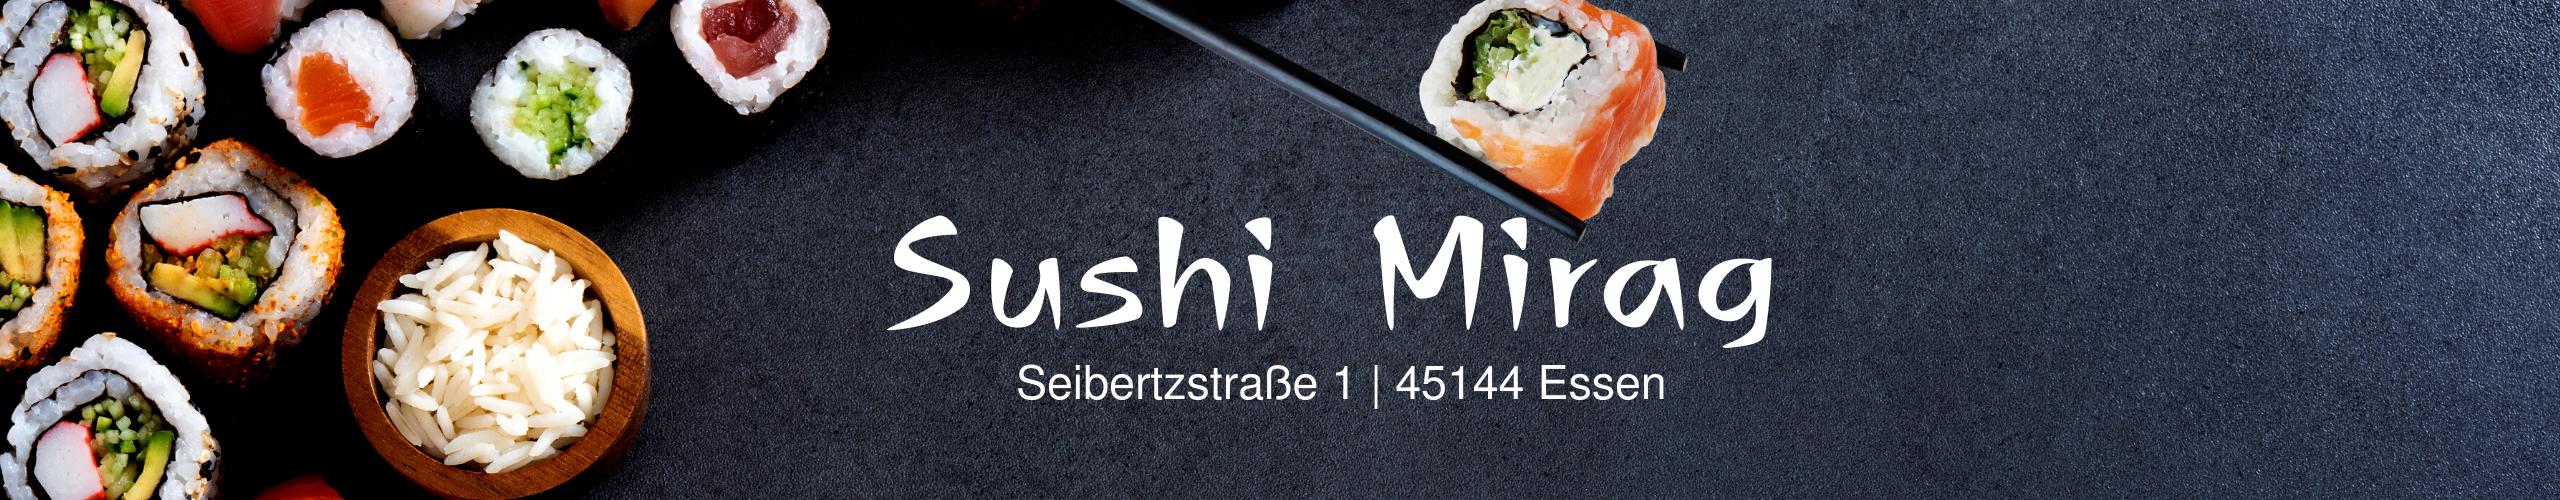 Sushimirag Essen